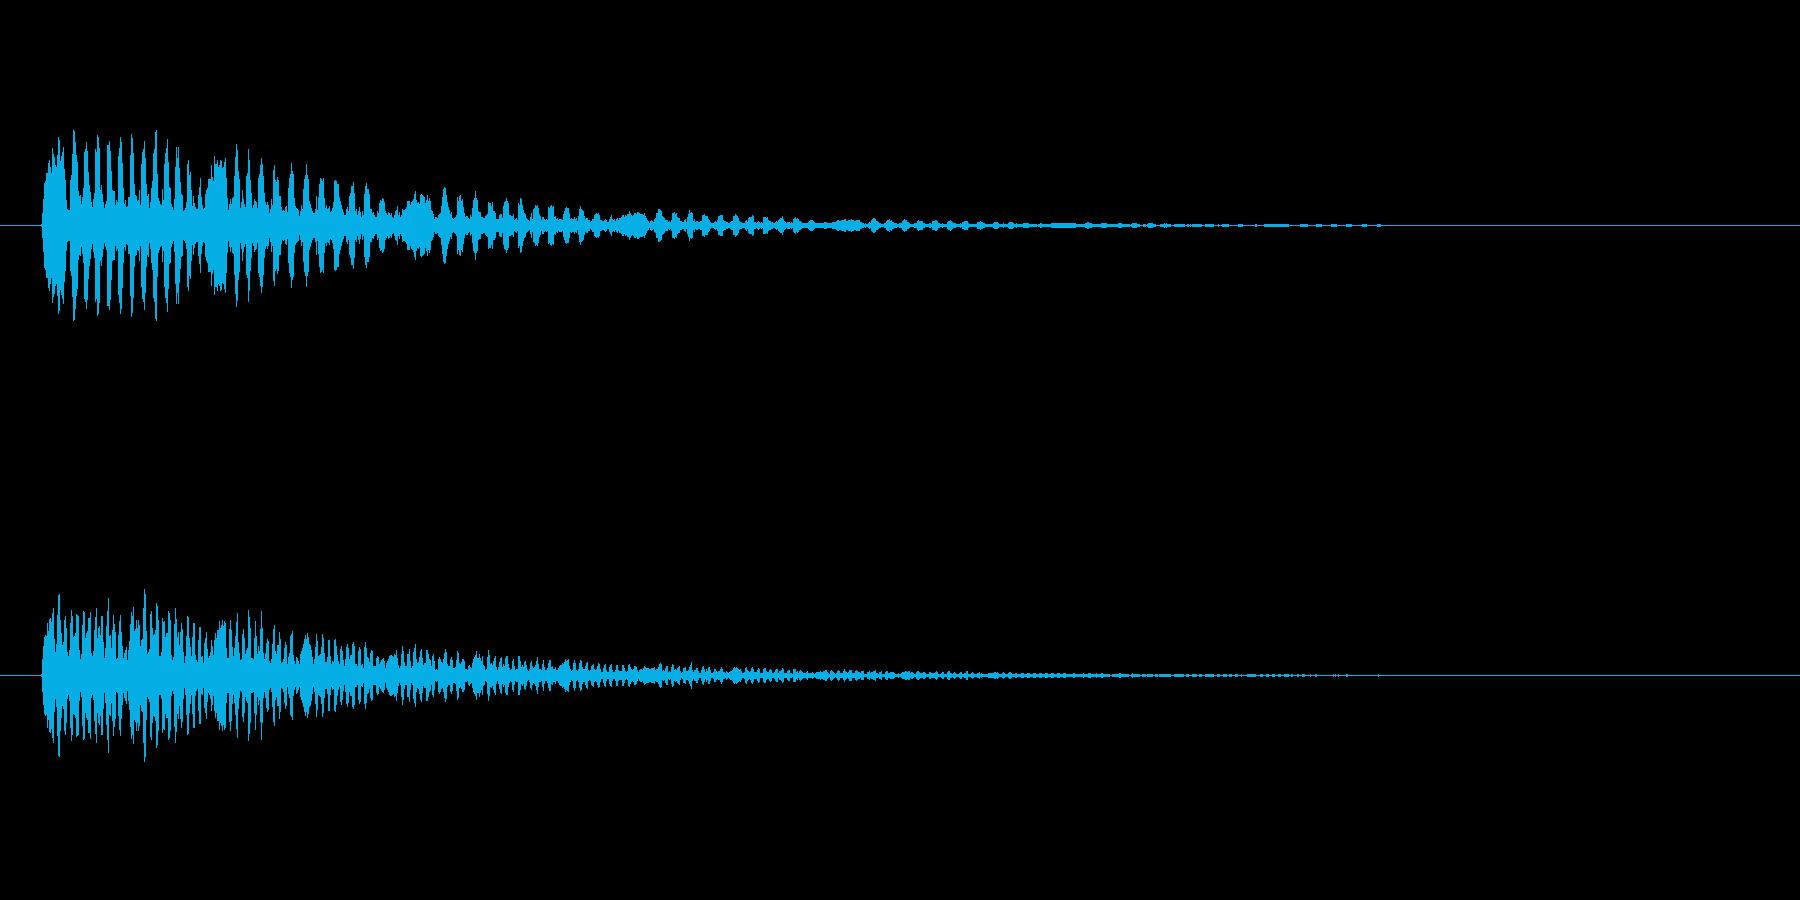 鳥のつぶやき、鳴き声などの音 SE4の再生済みの波形